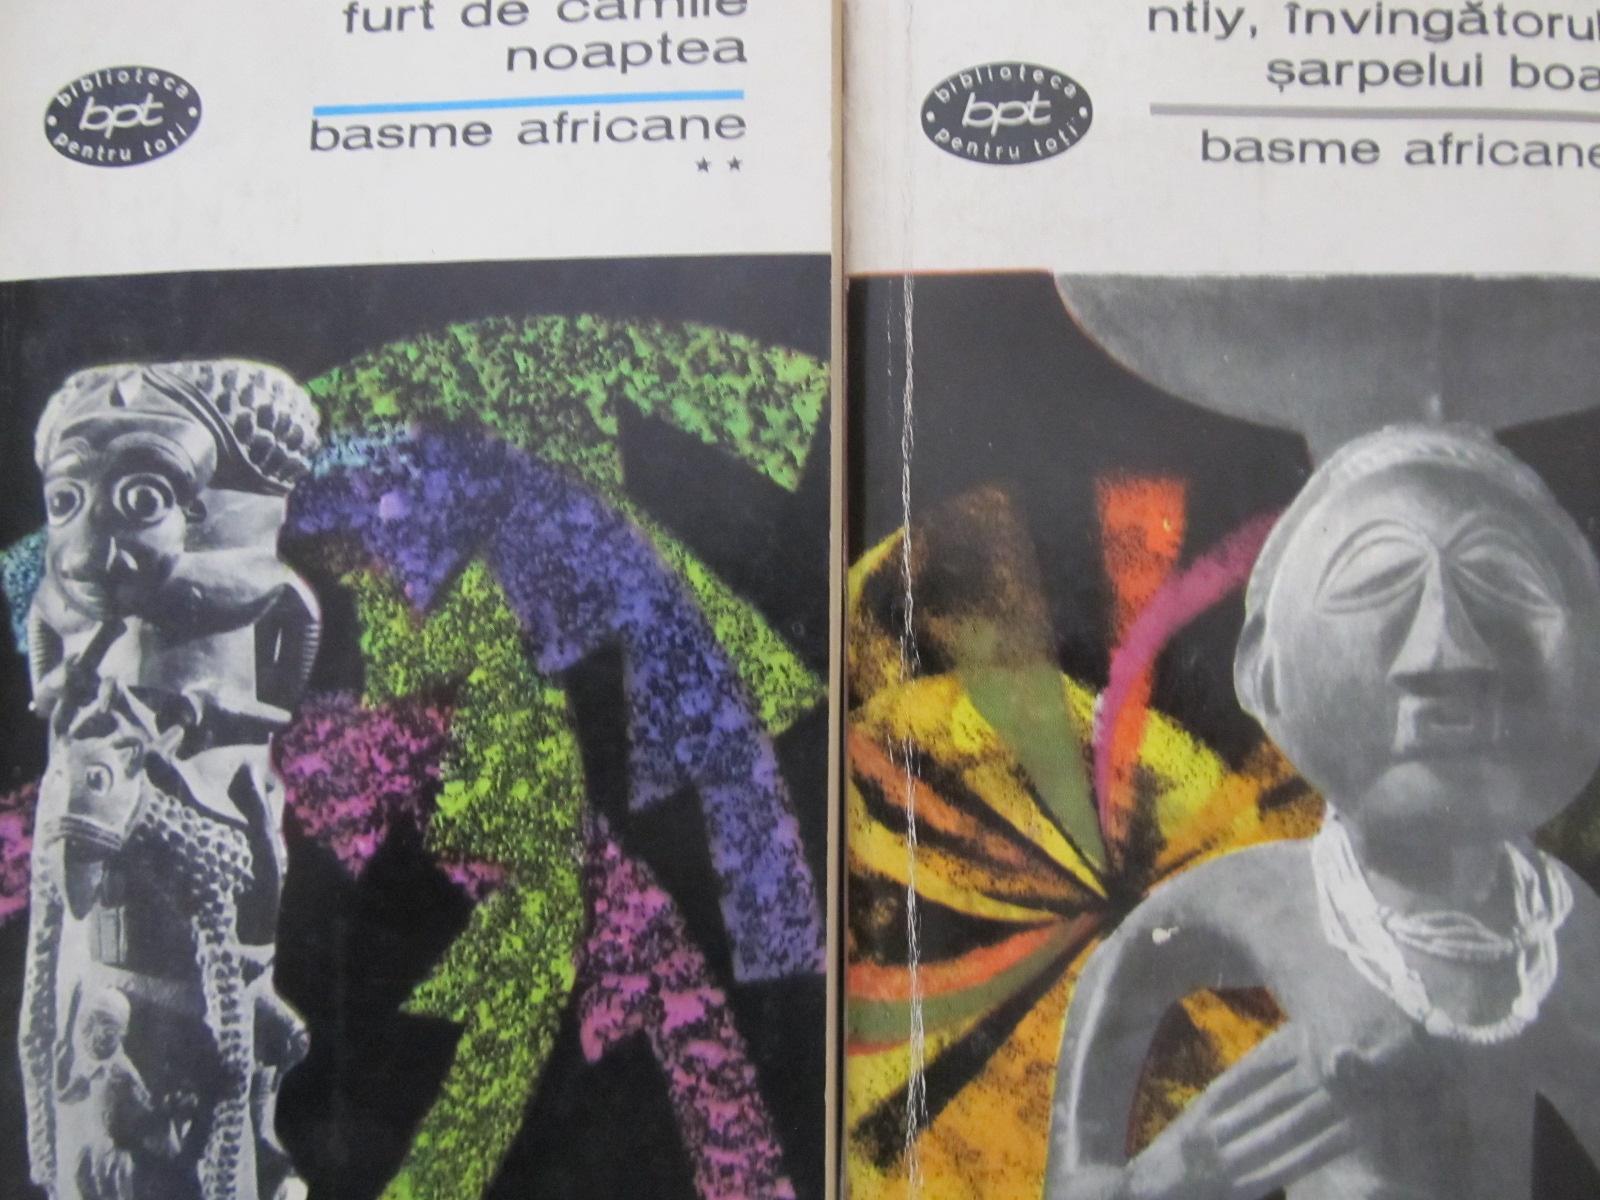 Basme africane - Ntiy , invingatorul sarpelui boa - Furt de camile noaptea  (2 vol.) - *** | Detalii carte